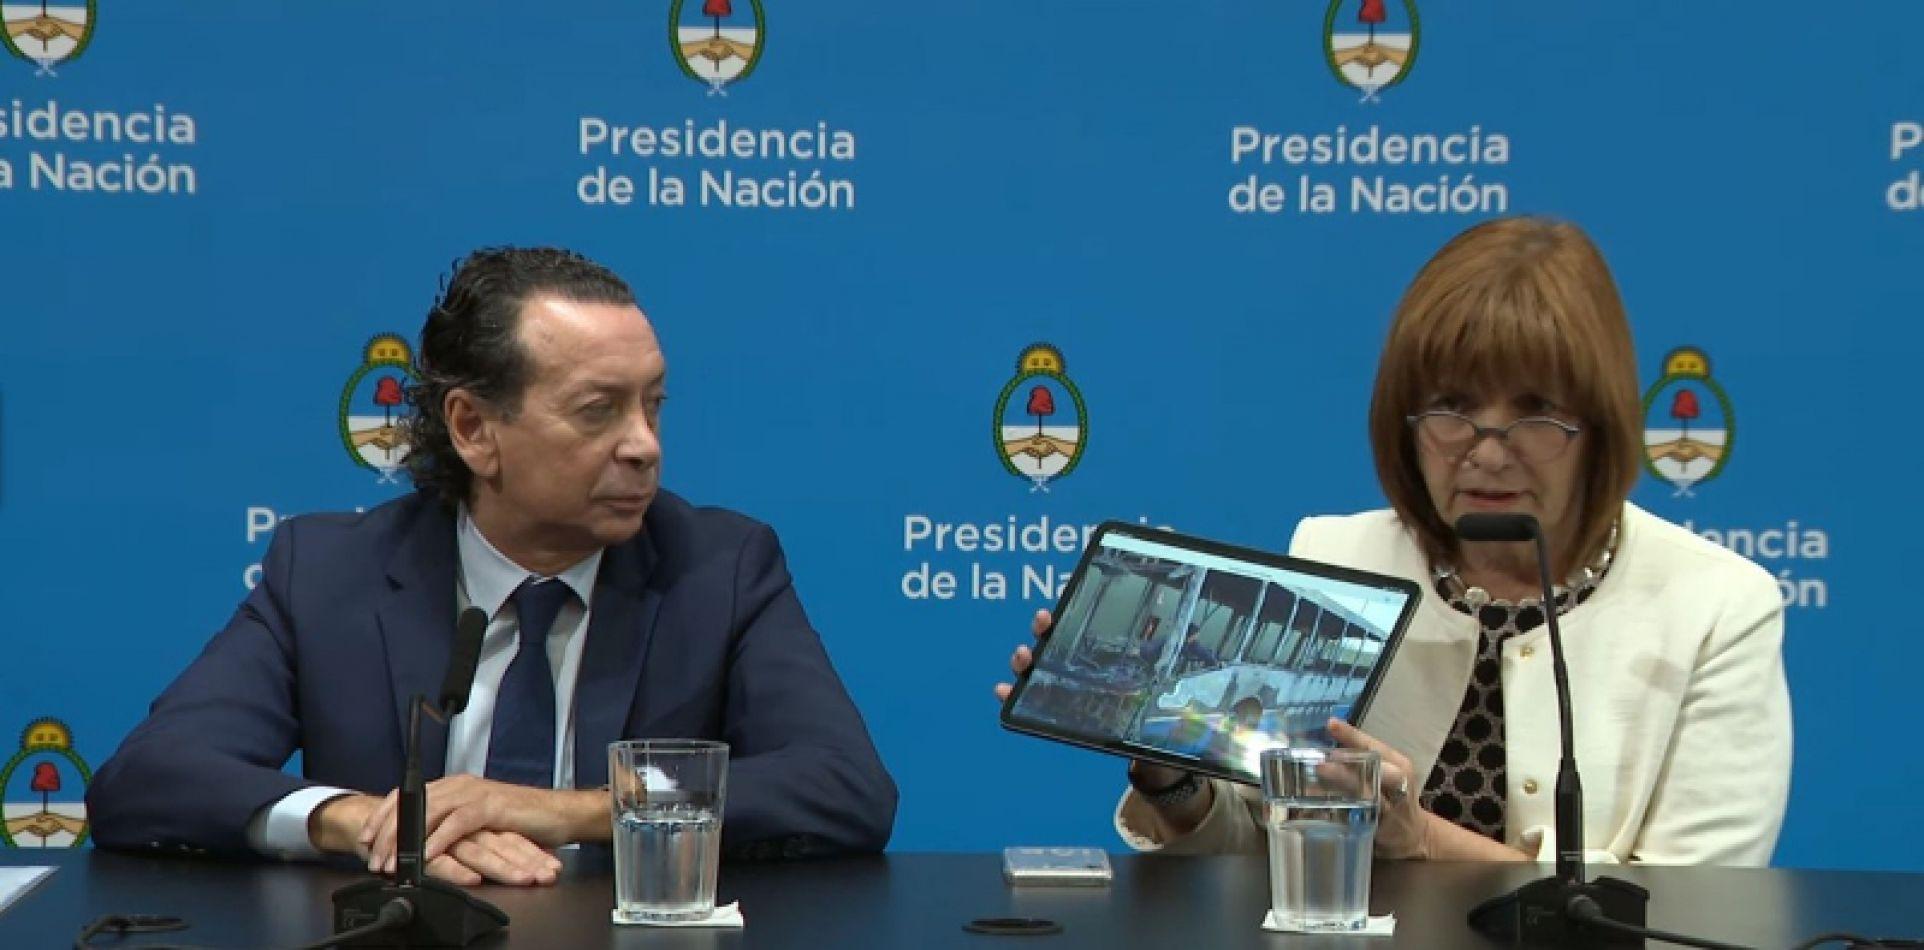 Conciliaciones obligatorias: la estrategia del gobierno de Macri para evitar el paro